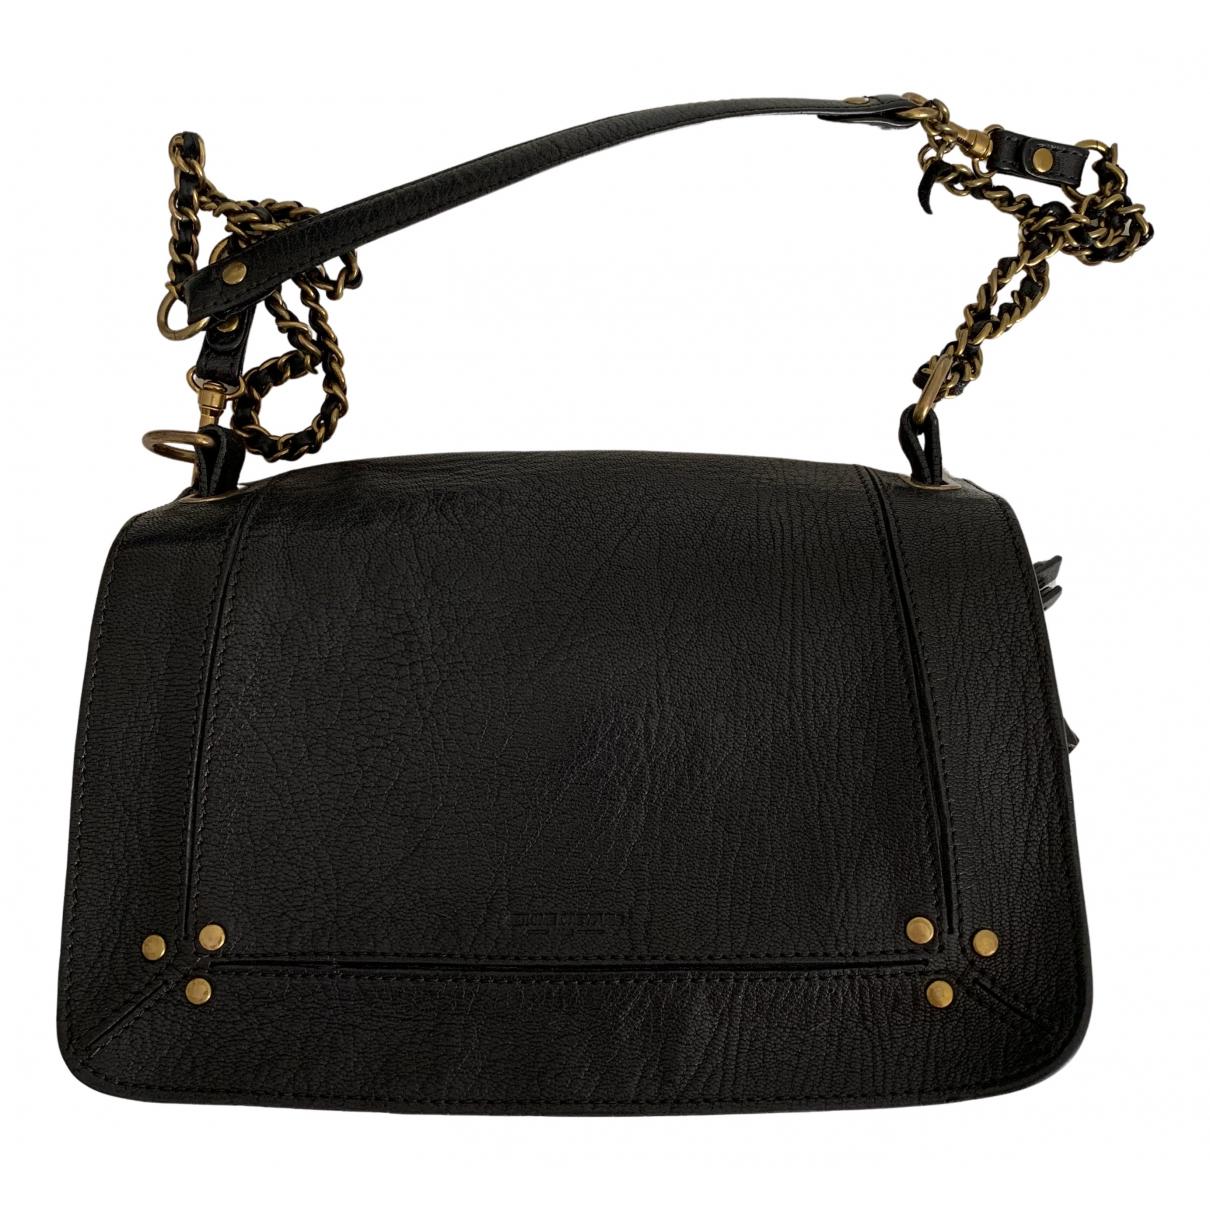 Jerome Dreyfuss Bobi Handtasche in  Schwarz Leder